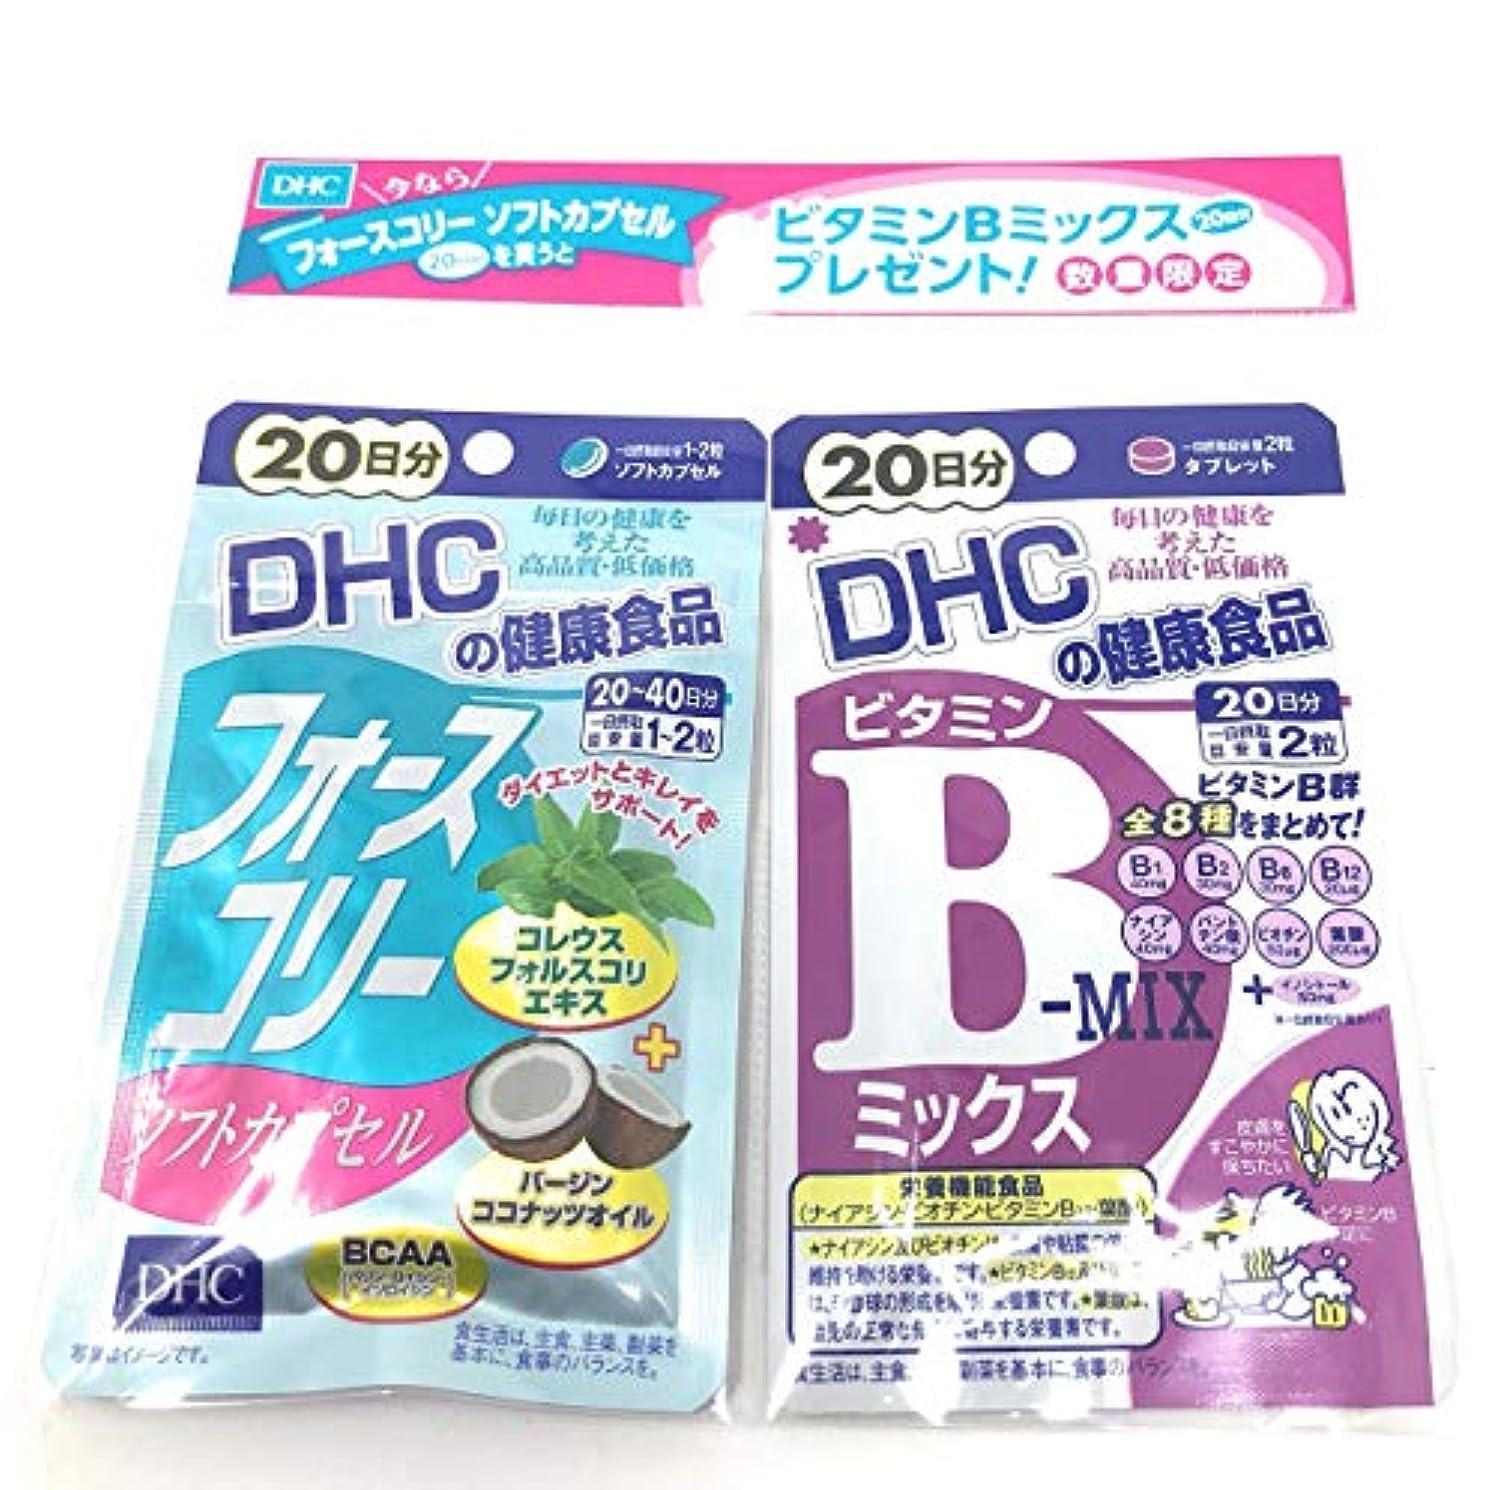 著名な形式お気に入り限定品 DHC フォースコリー ソフトカプセル 20日分 ビタミンBミックス 20日分 セット